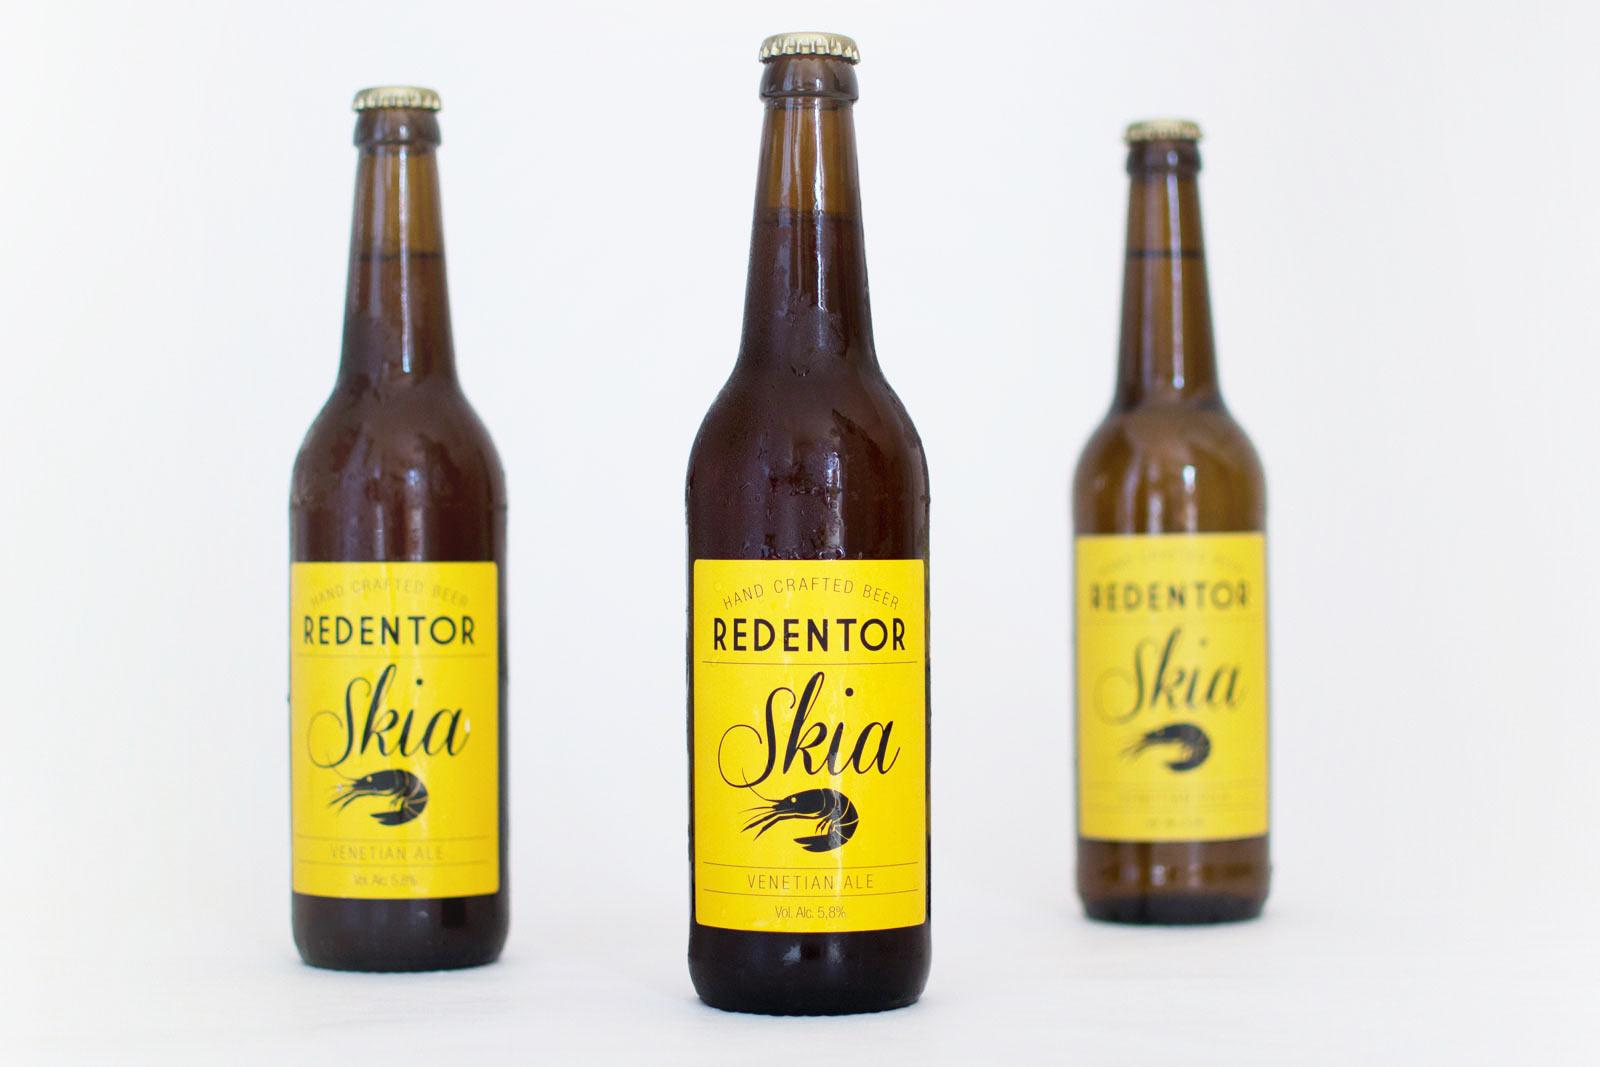 SKIA è la nostra prima produzione. na birra bionda interamente Veneziana. Un sapore dolce, dal corpo pieno e fruttato, aroma amarognolo che bilanci la dolcezza del malto.